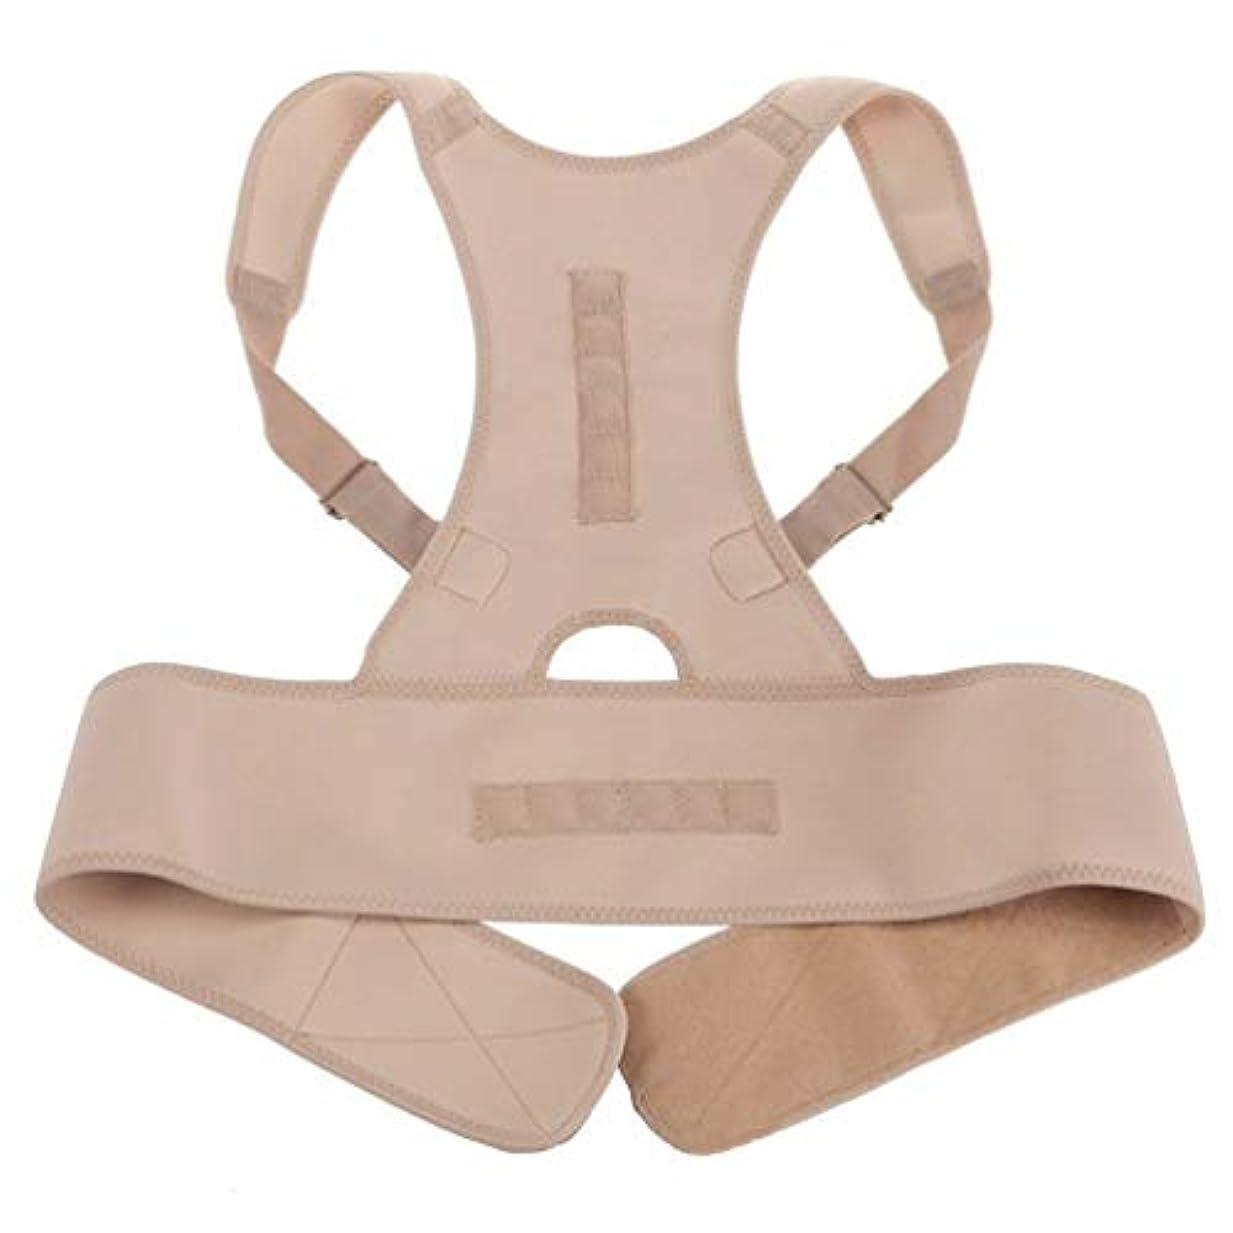 ごちそう噂晩餐ネオプレン磁気姿勢補正機能バッドバックランバーショルダーサポート腰痛ブレースバンドベルトユニセックス快適な着用 - 肌の色L/XL